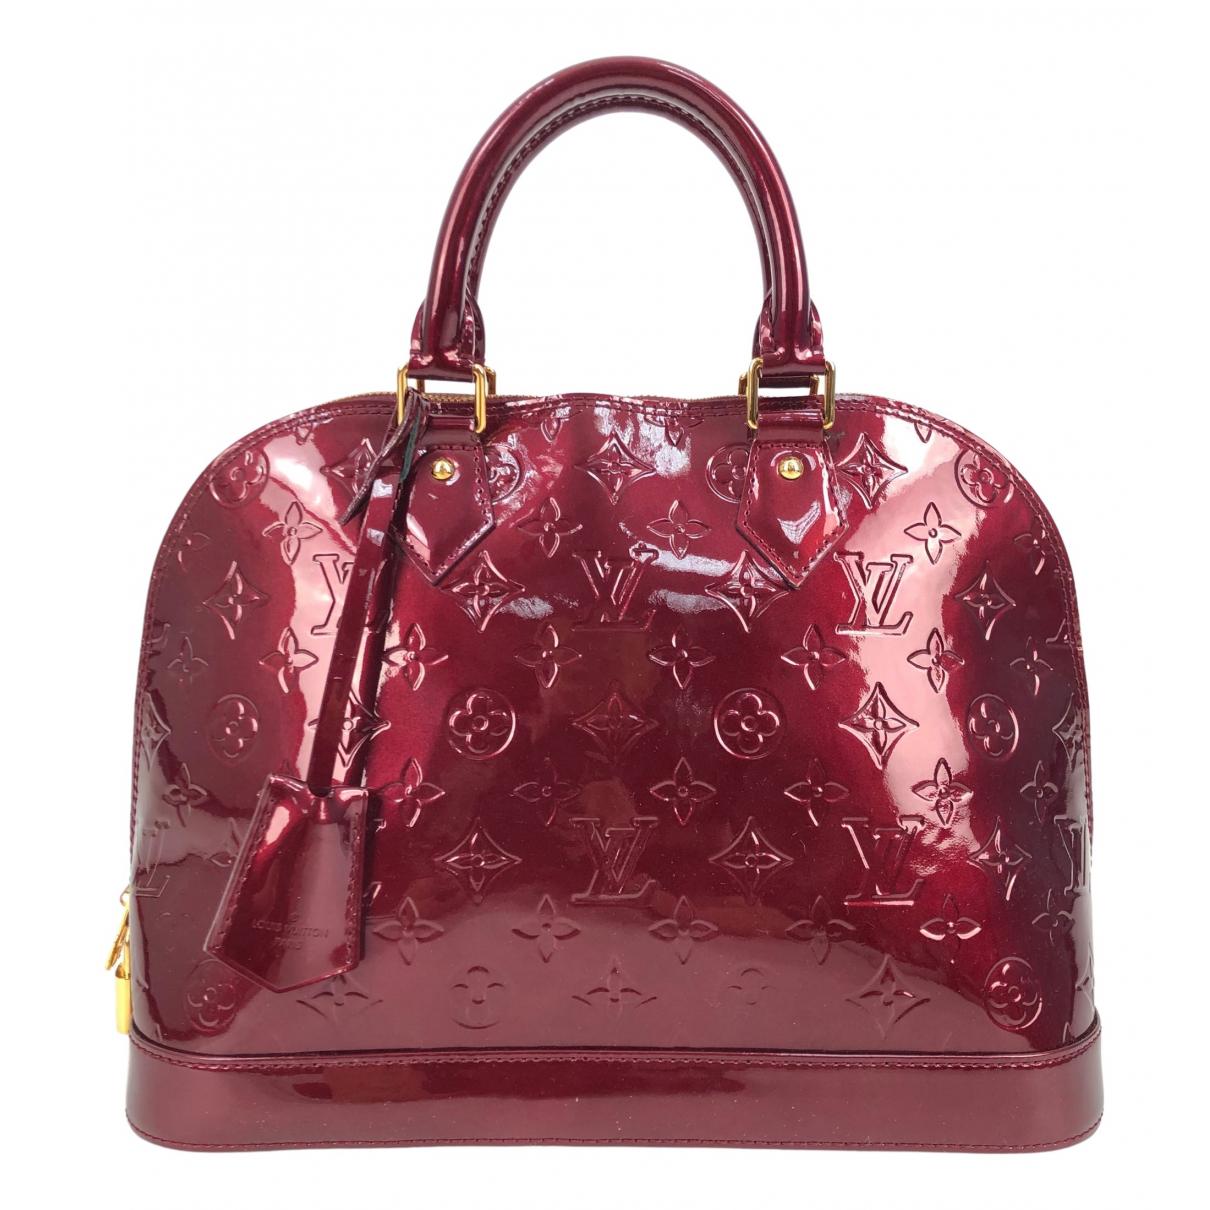 Louis Vuitton Alma Handtasche in  Bordeauxrot Lackleder